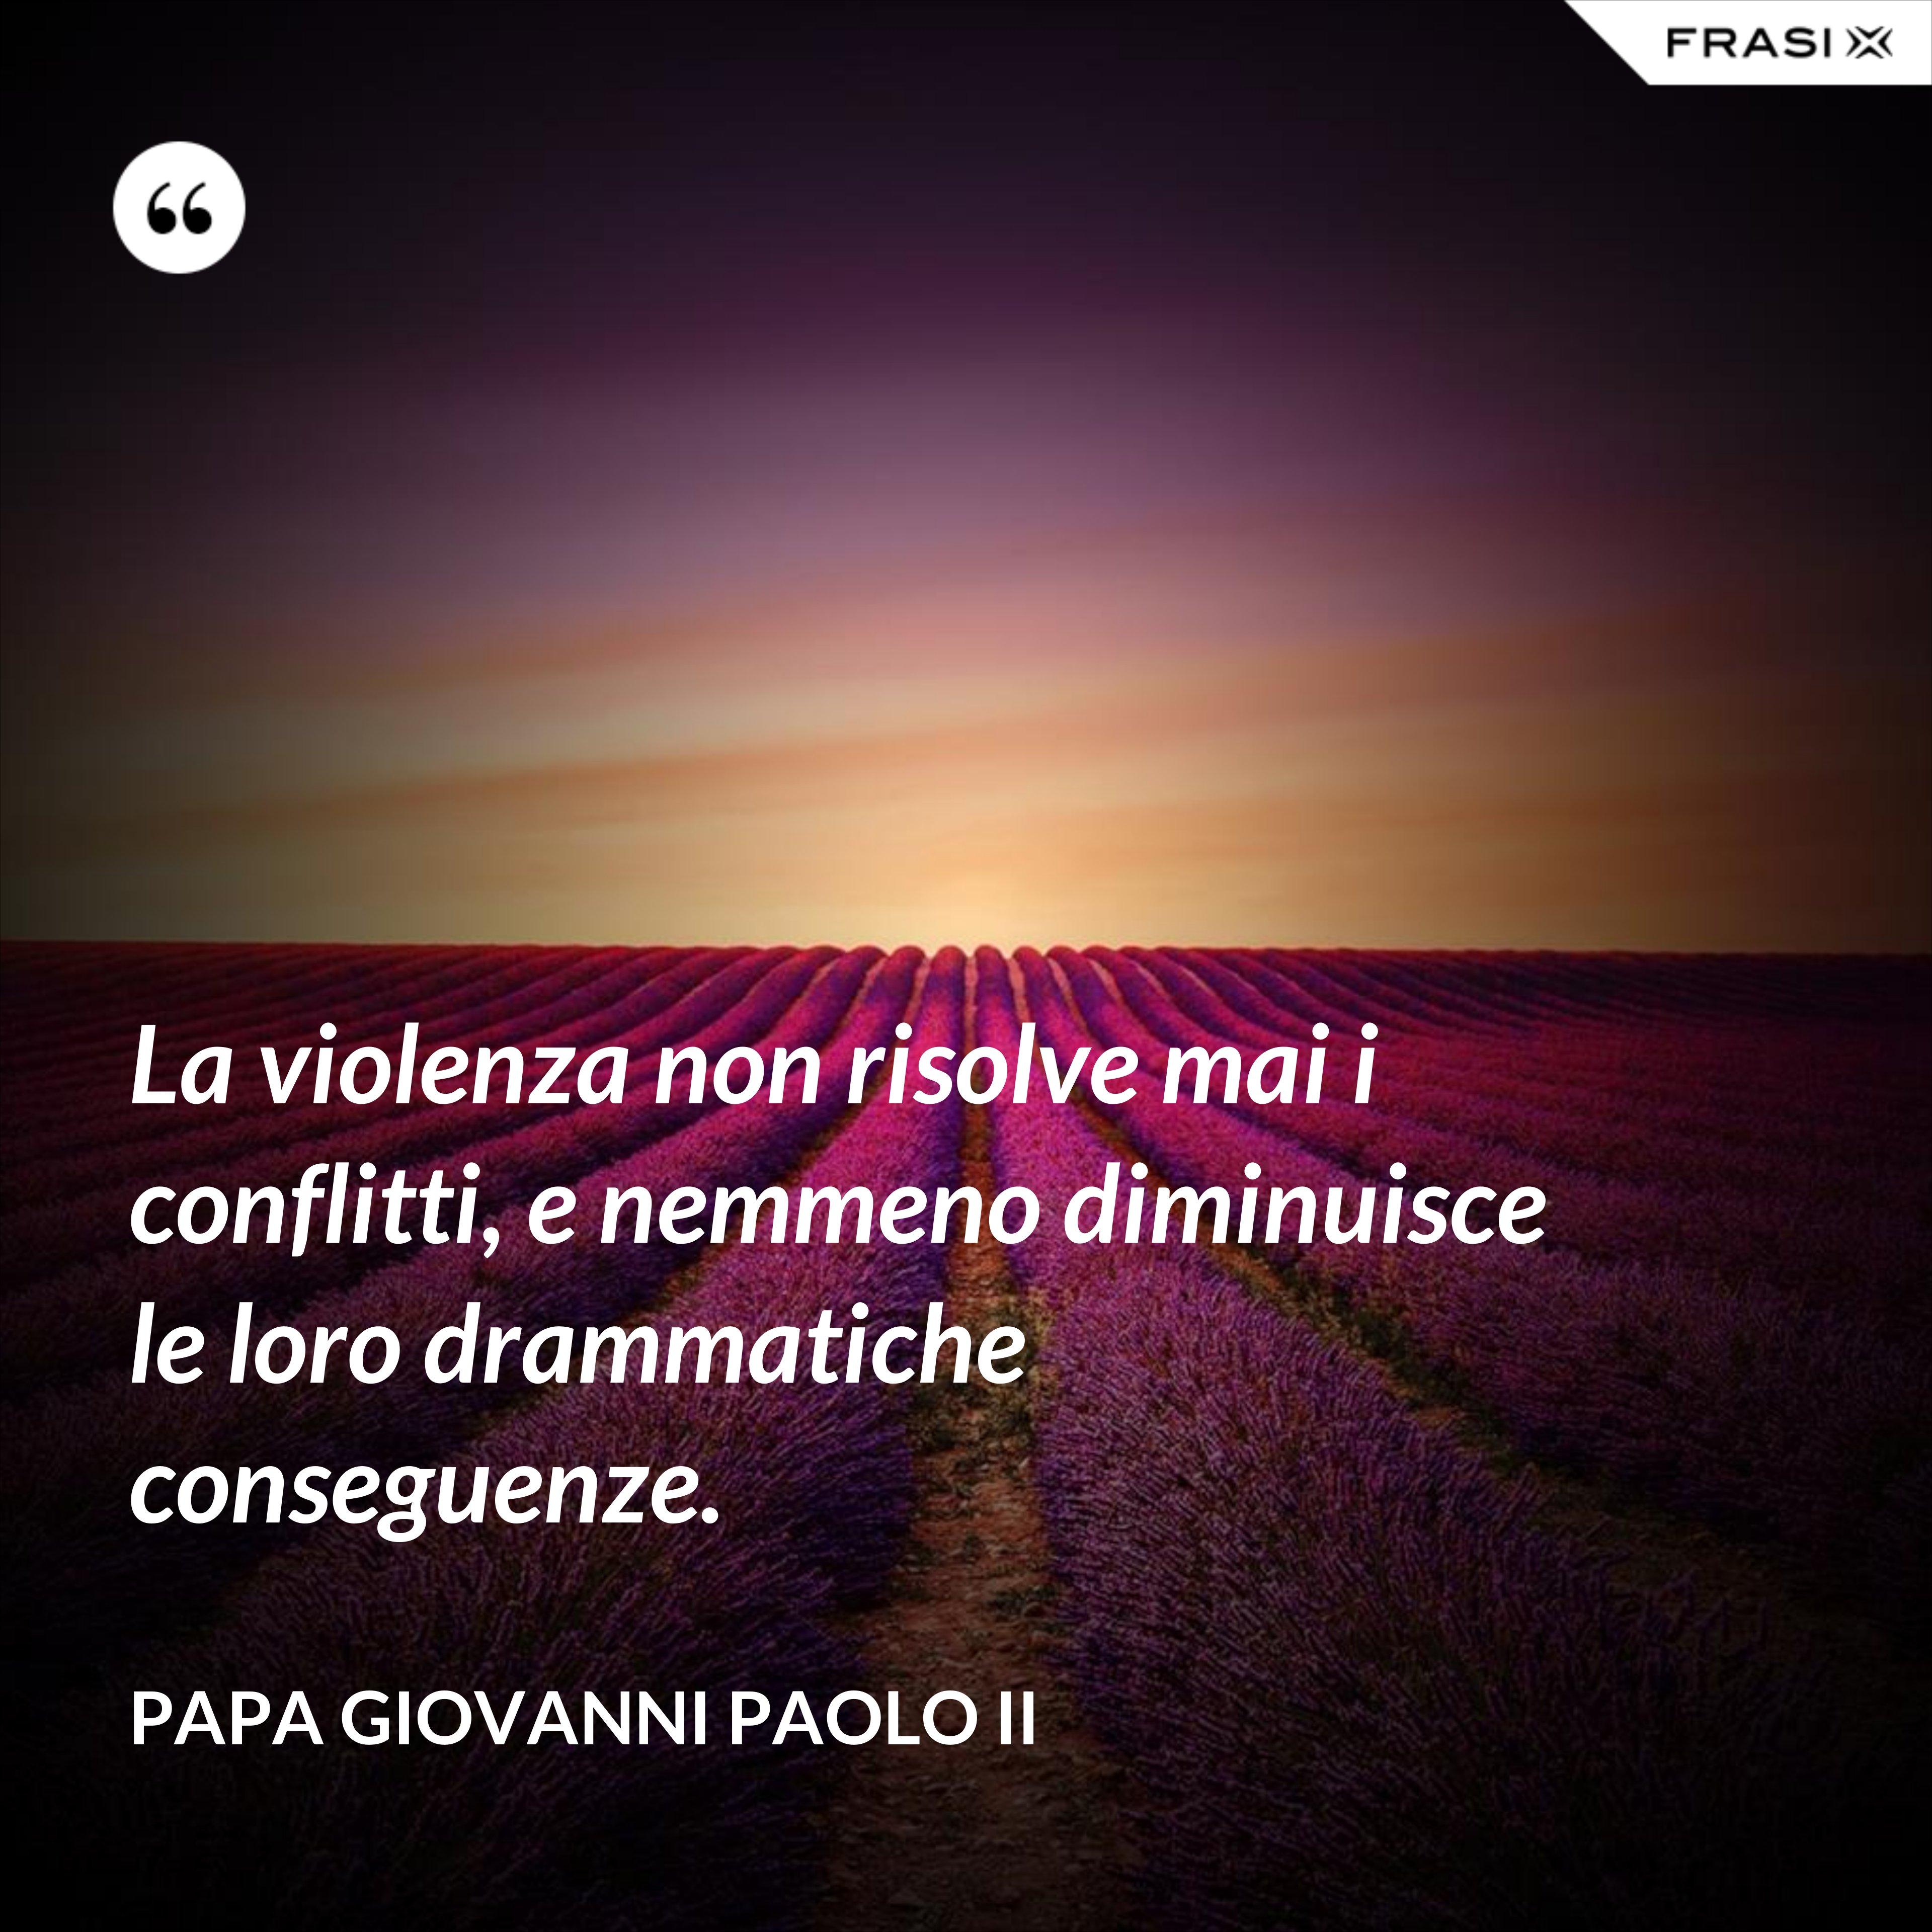 La violenza non risolve mai i conflitti, e nemmeno diminuisce le loro drammatiche conseguenze. - Papa Giovanni Paolo II